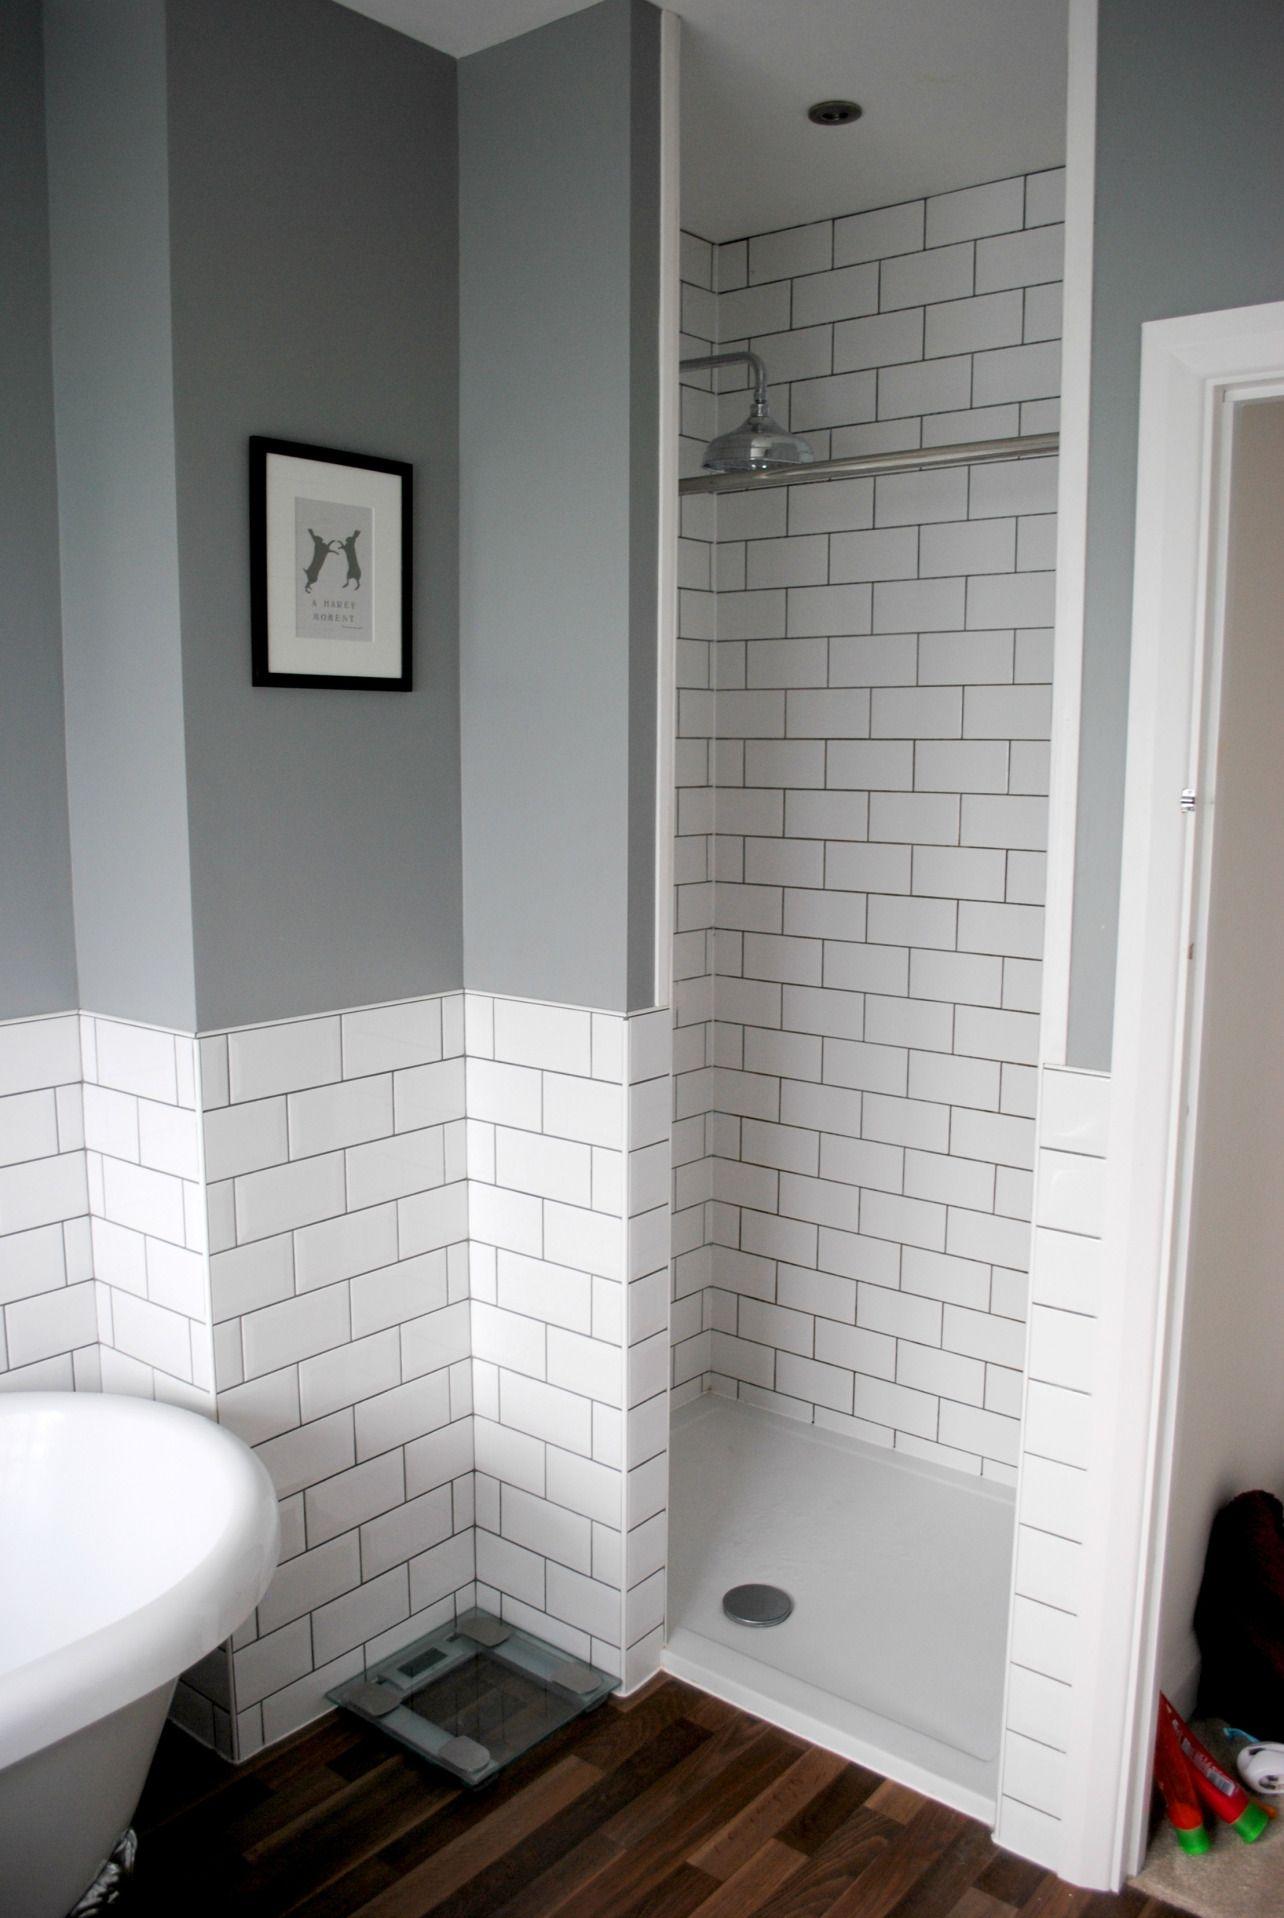 Comment Fabriquer Meuble Salle De Bain Beton Cellulaire ~ House Renovation The Bathroom For The Home Pinterest Baies